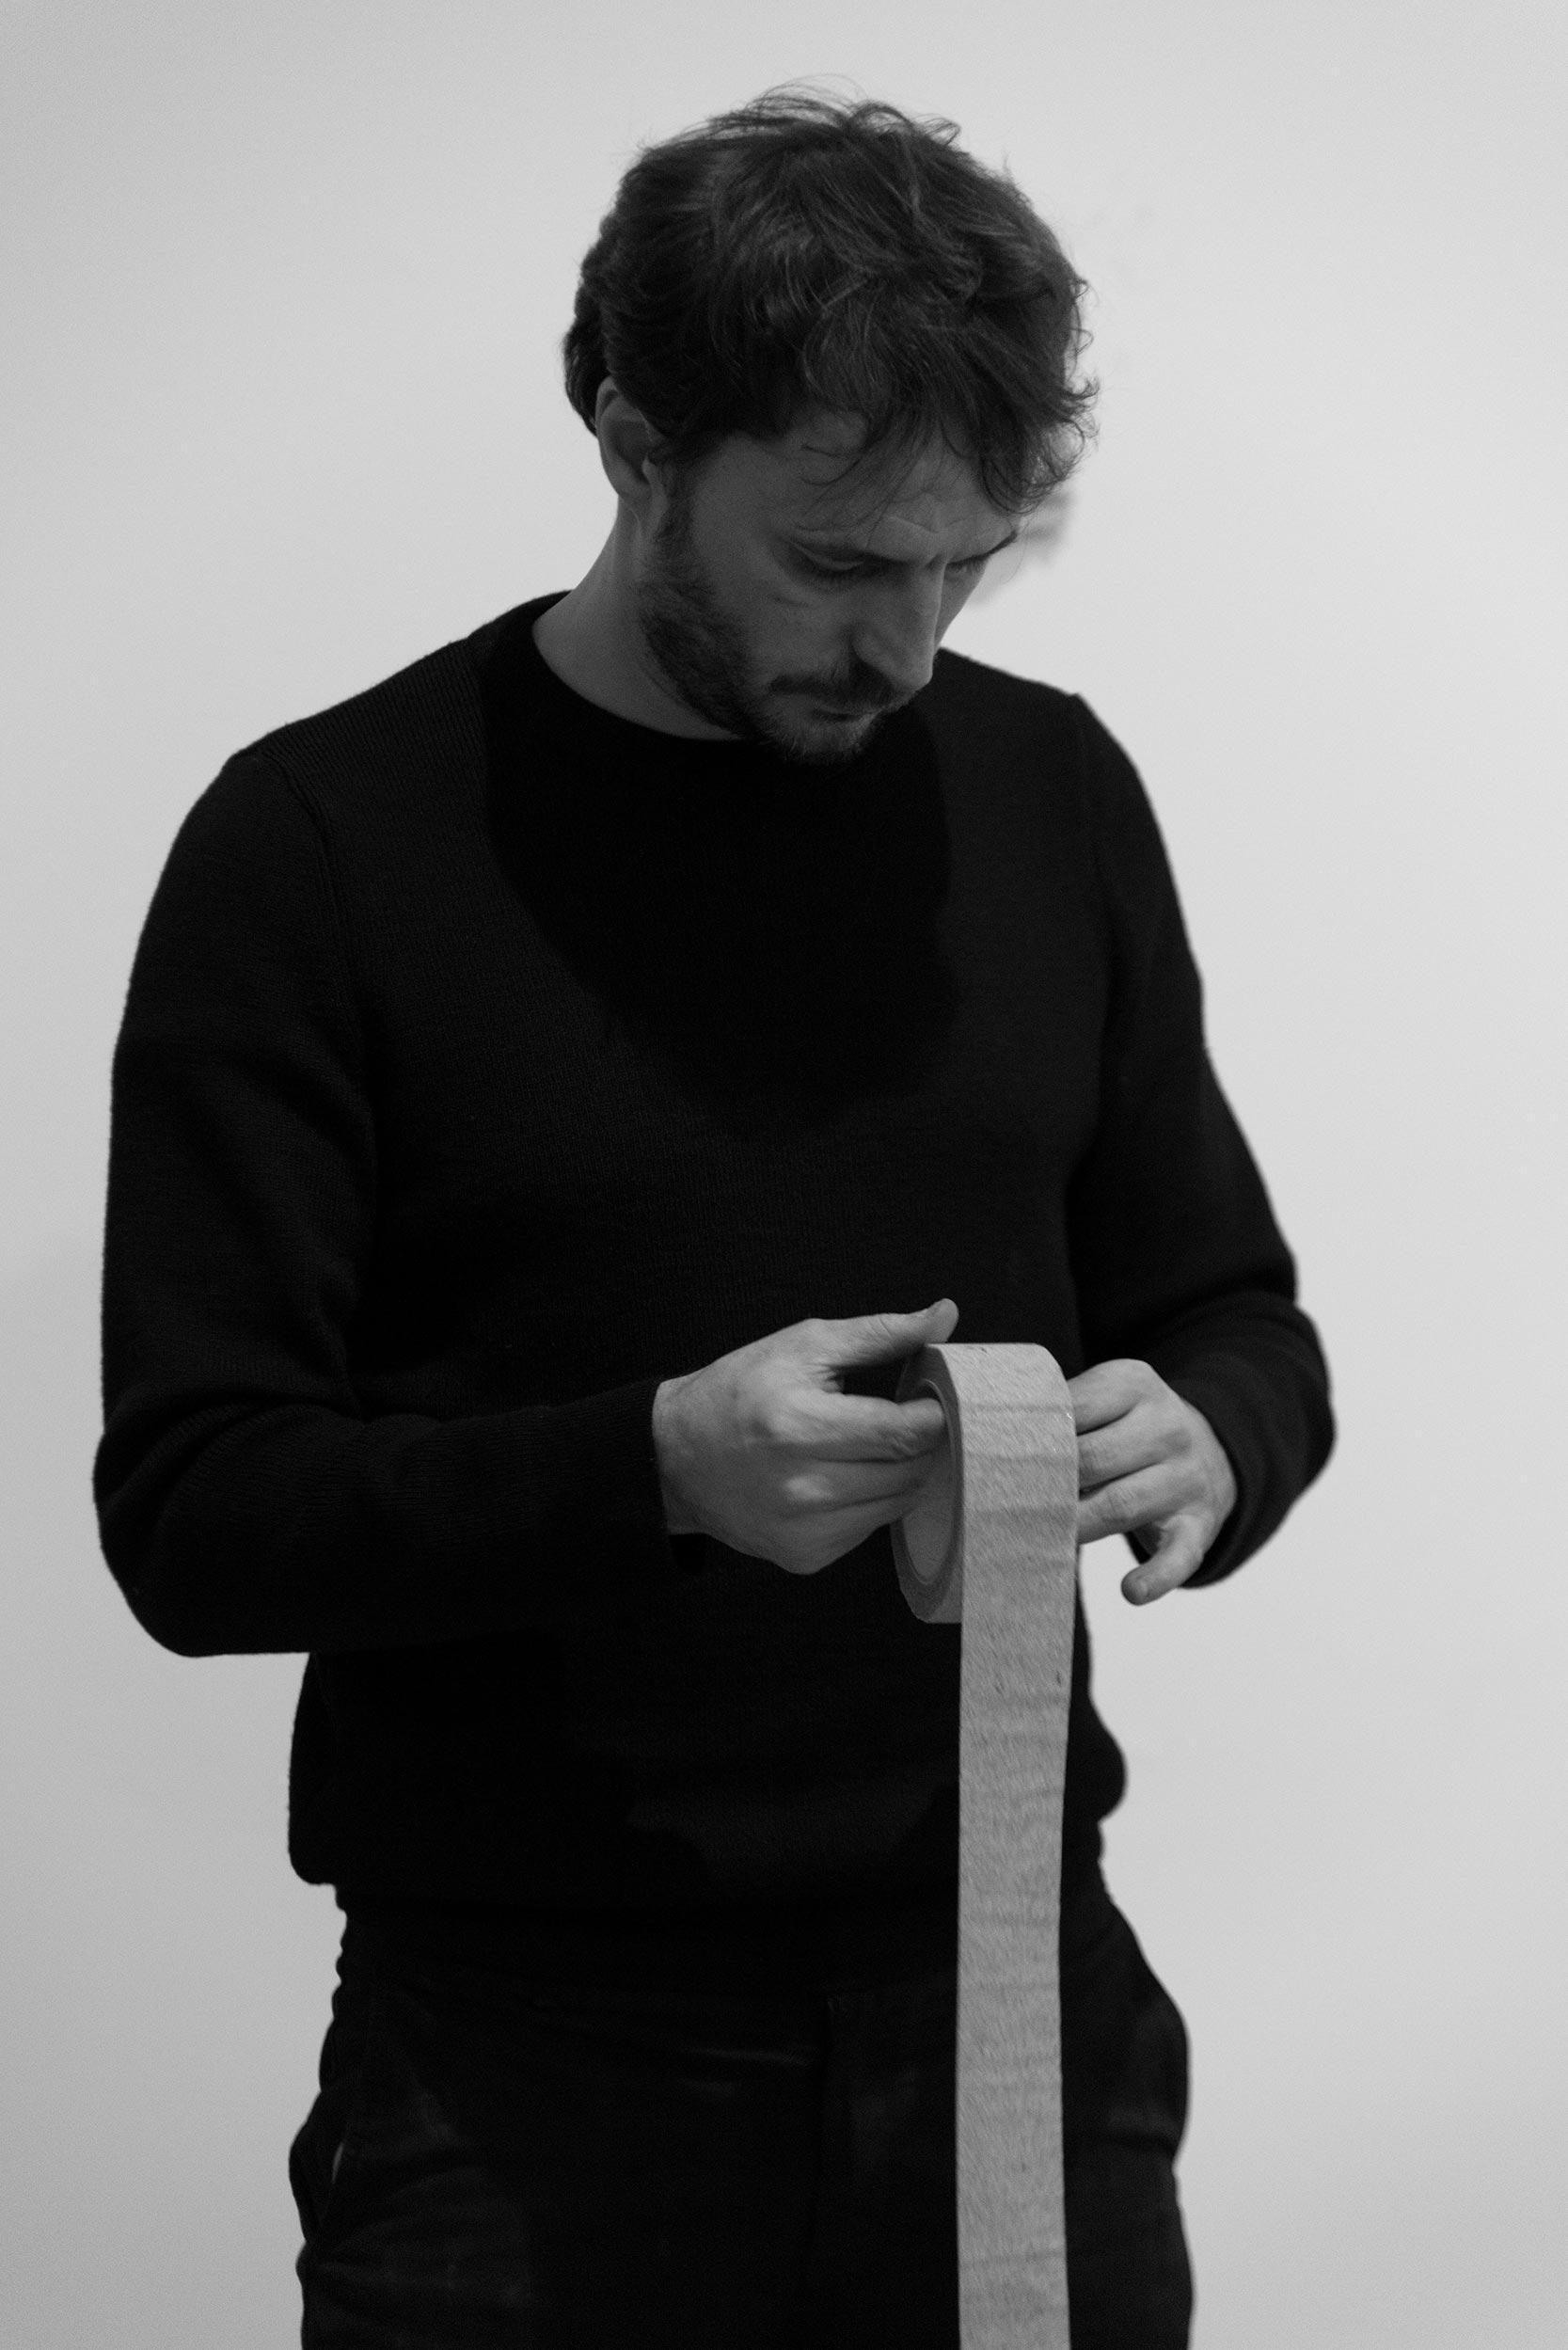 Ismaïl Bahri, Portrait de l'artiste, 2019 © Isabelle Arthuis, Courtesy of Fondation Hermès